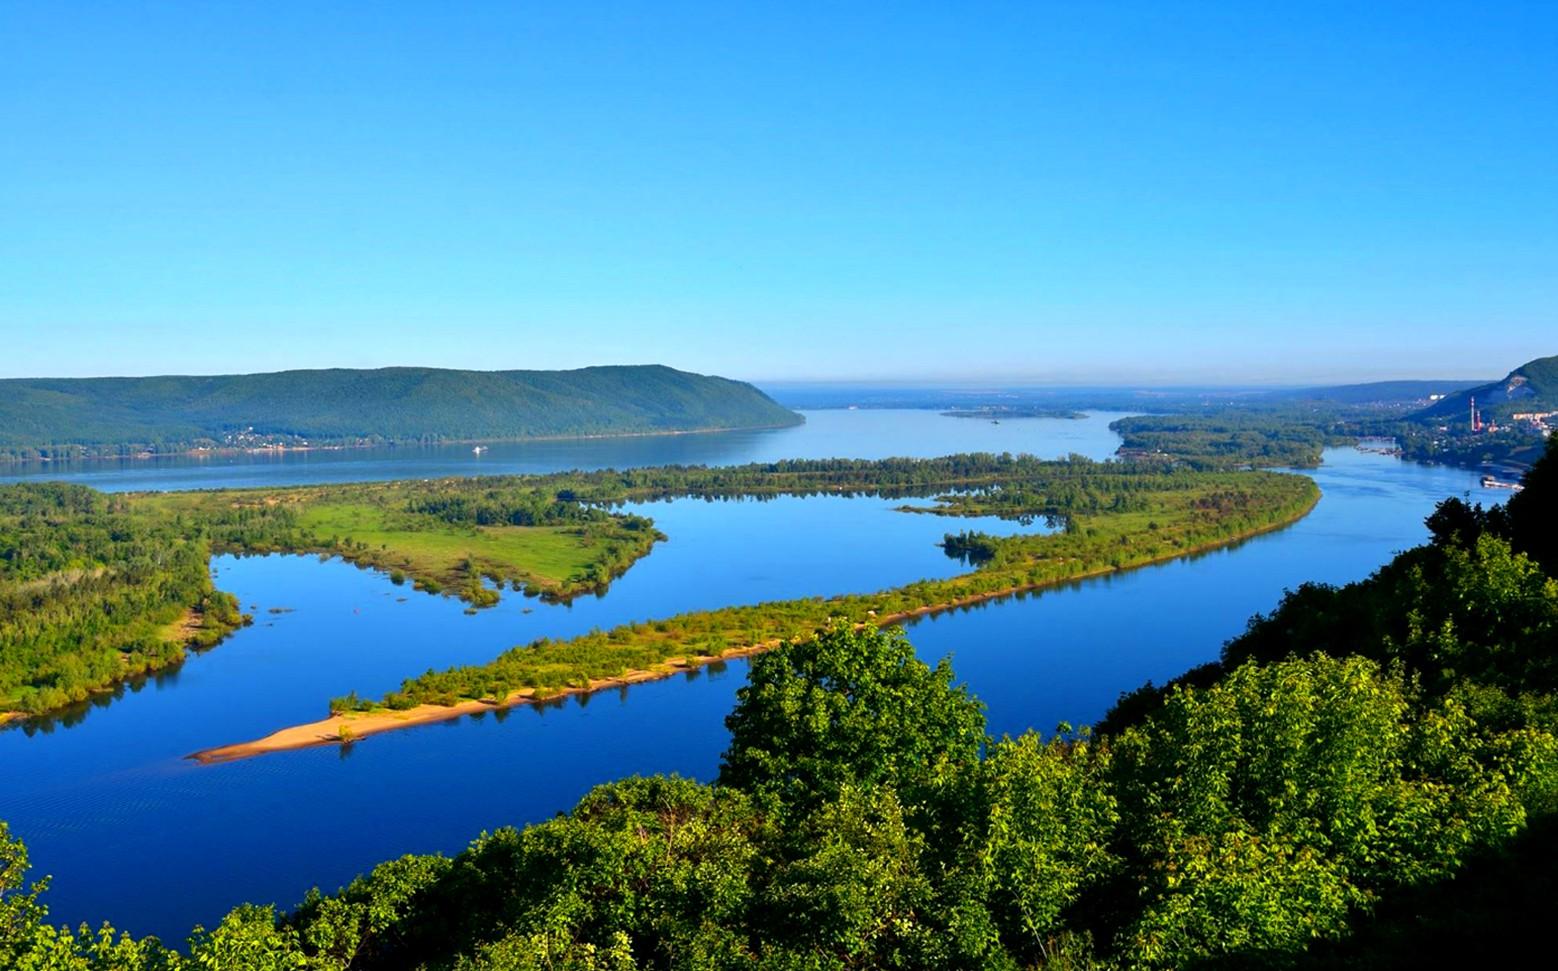 В Каспийское море впадает Волга или Кама?